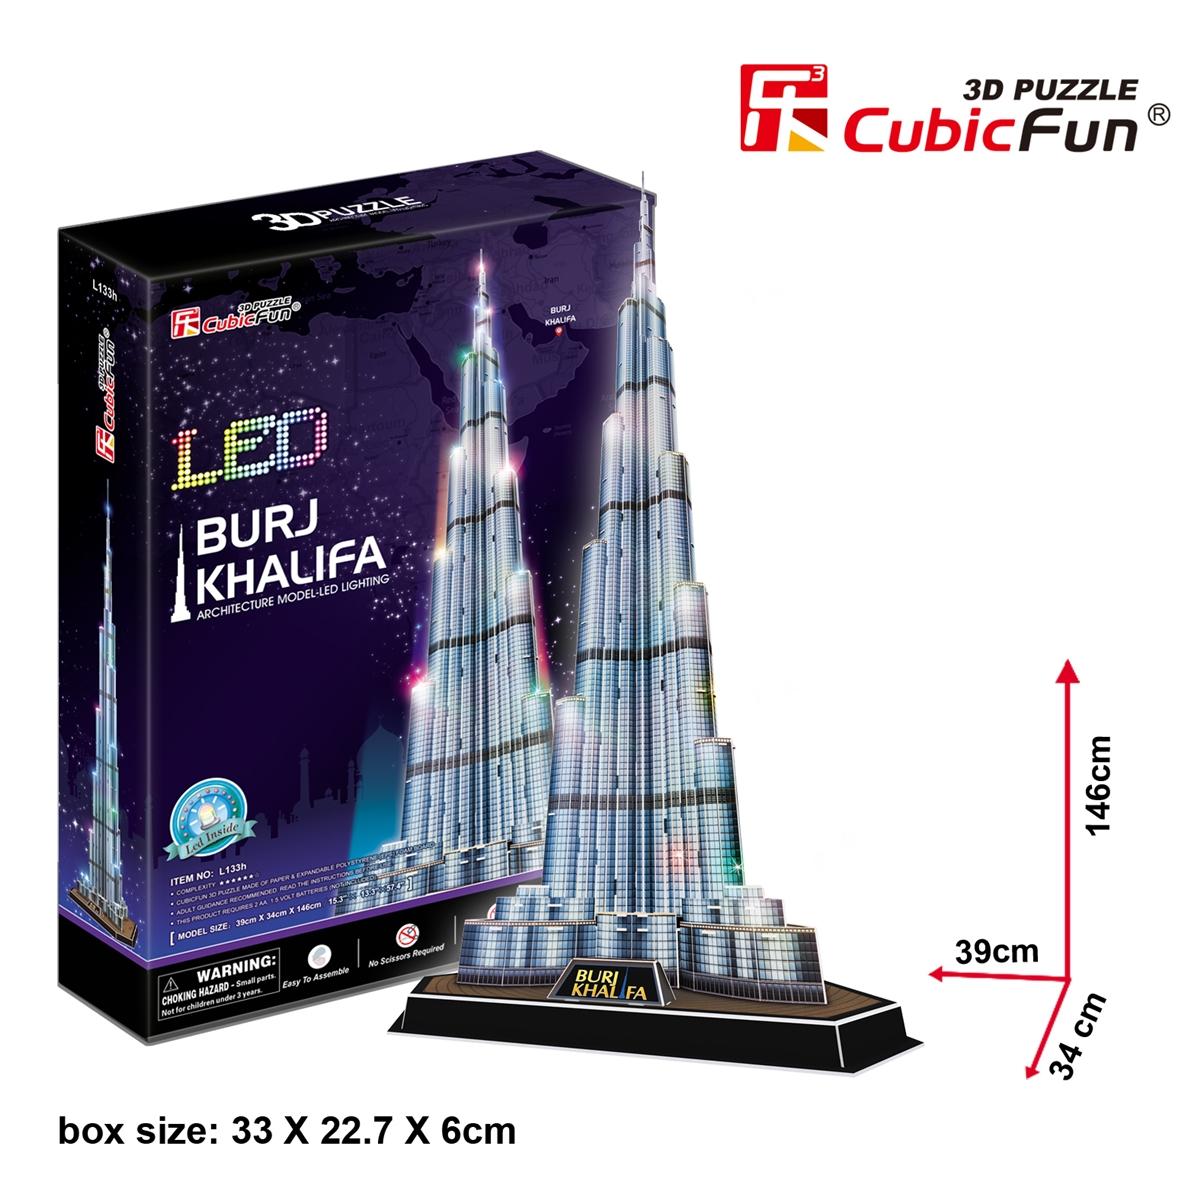 Burj Khalifa CubicFun 3D Puzzle 136 Pieces Size 34*39*146 cm.